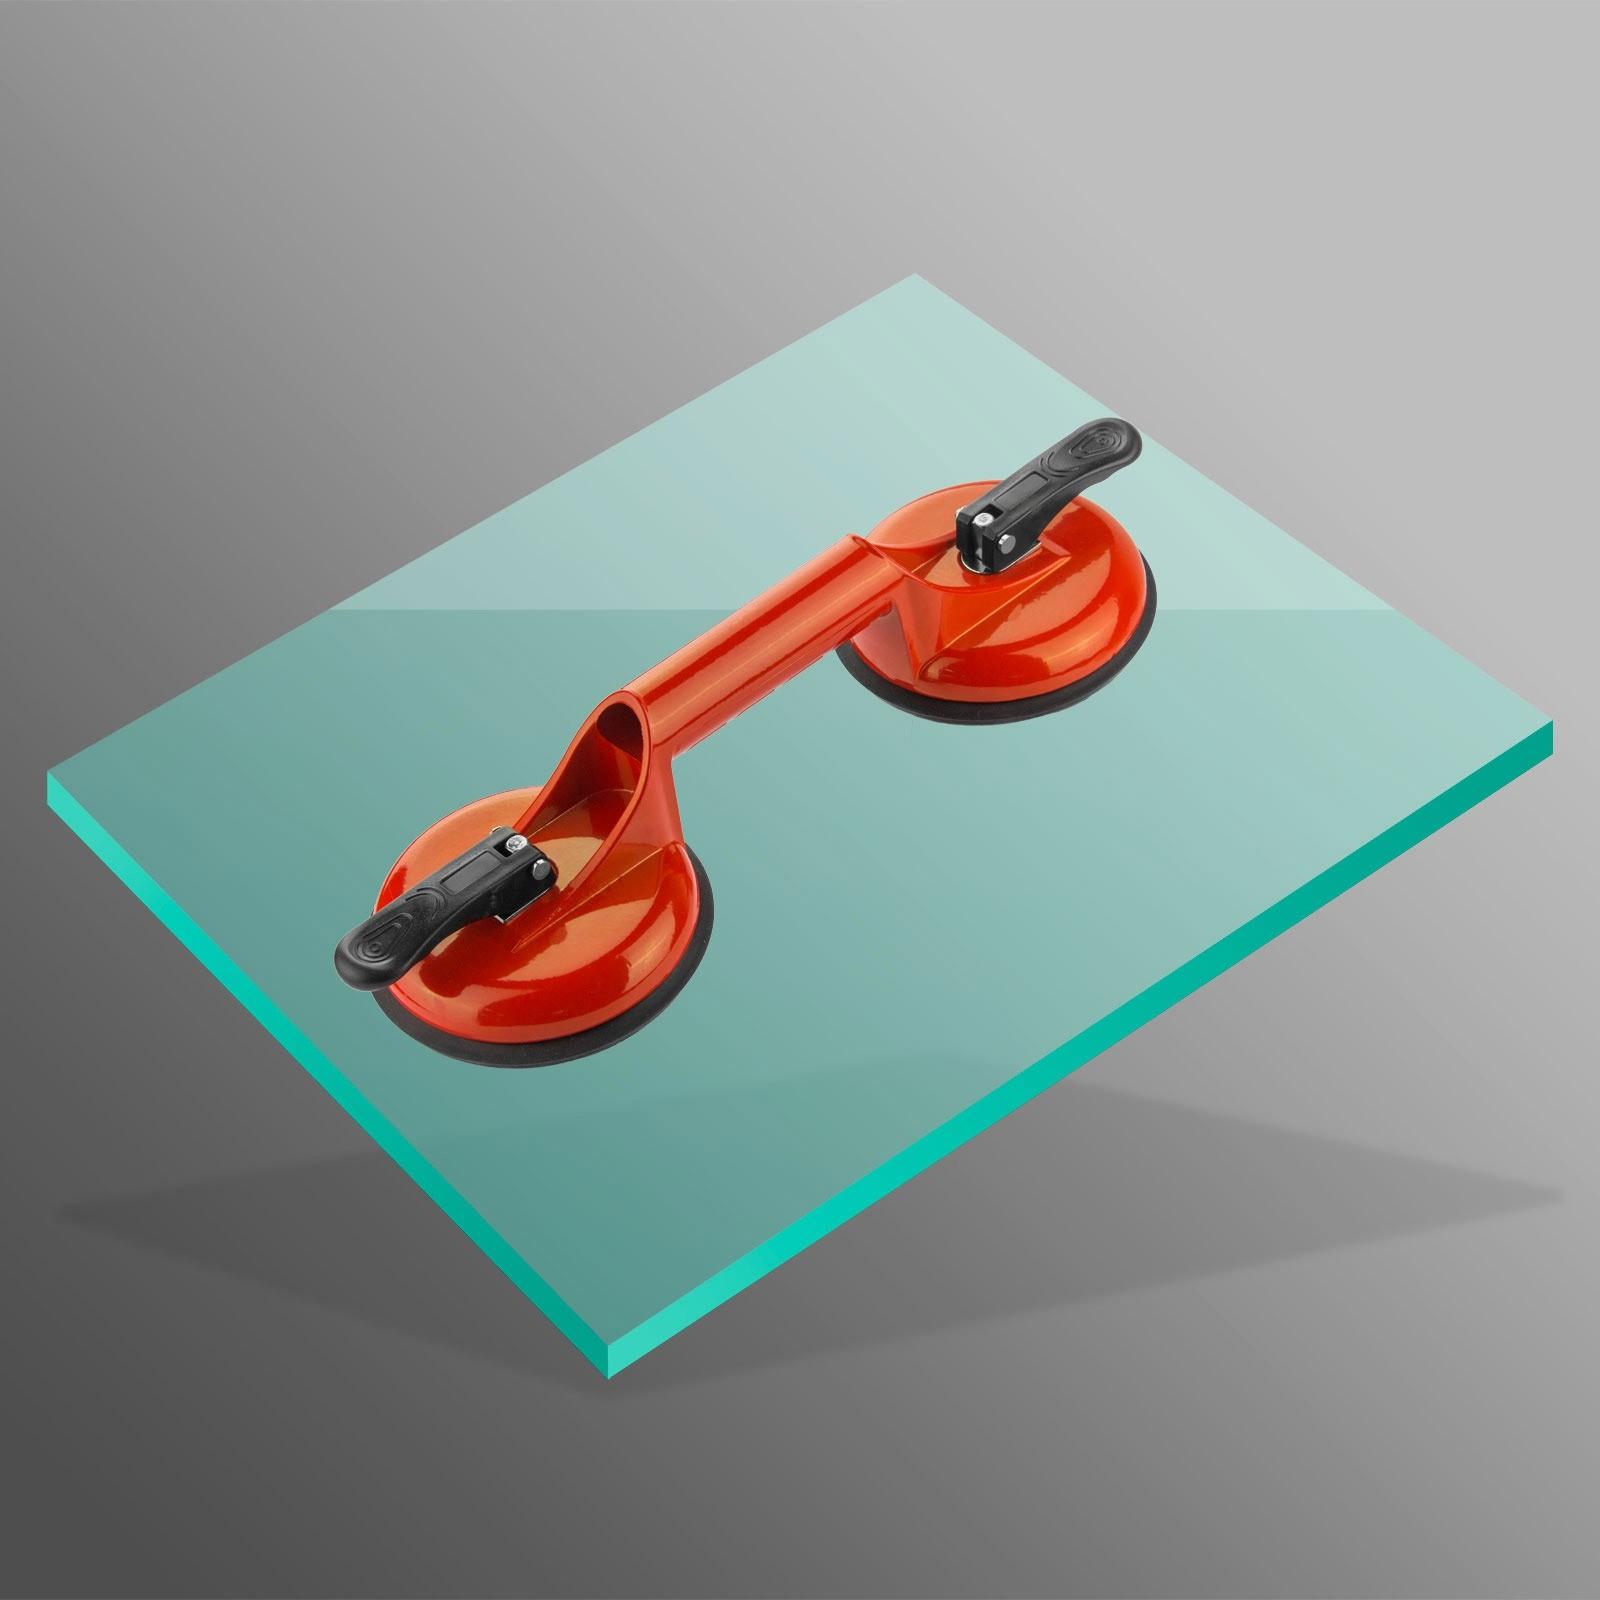 saugheber glassauger gh 100 alu bis 100 kg. Black Bedroom Furniture Sets. Home Design Ideas